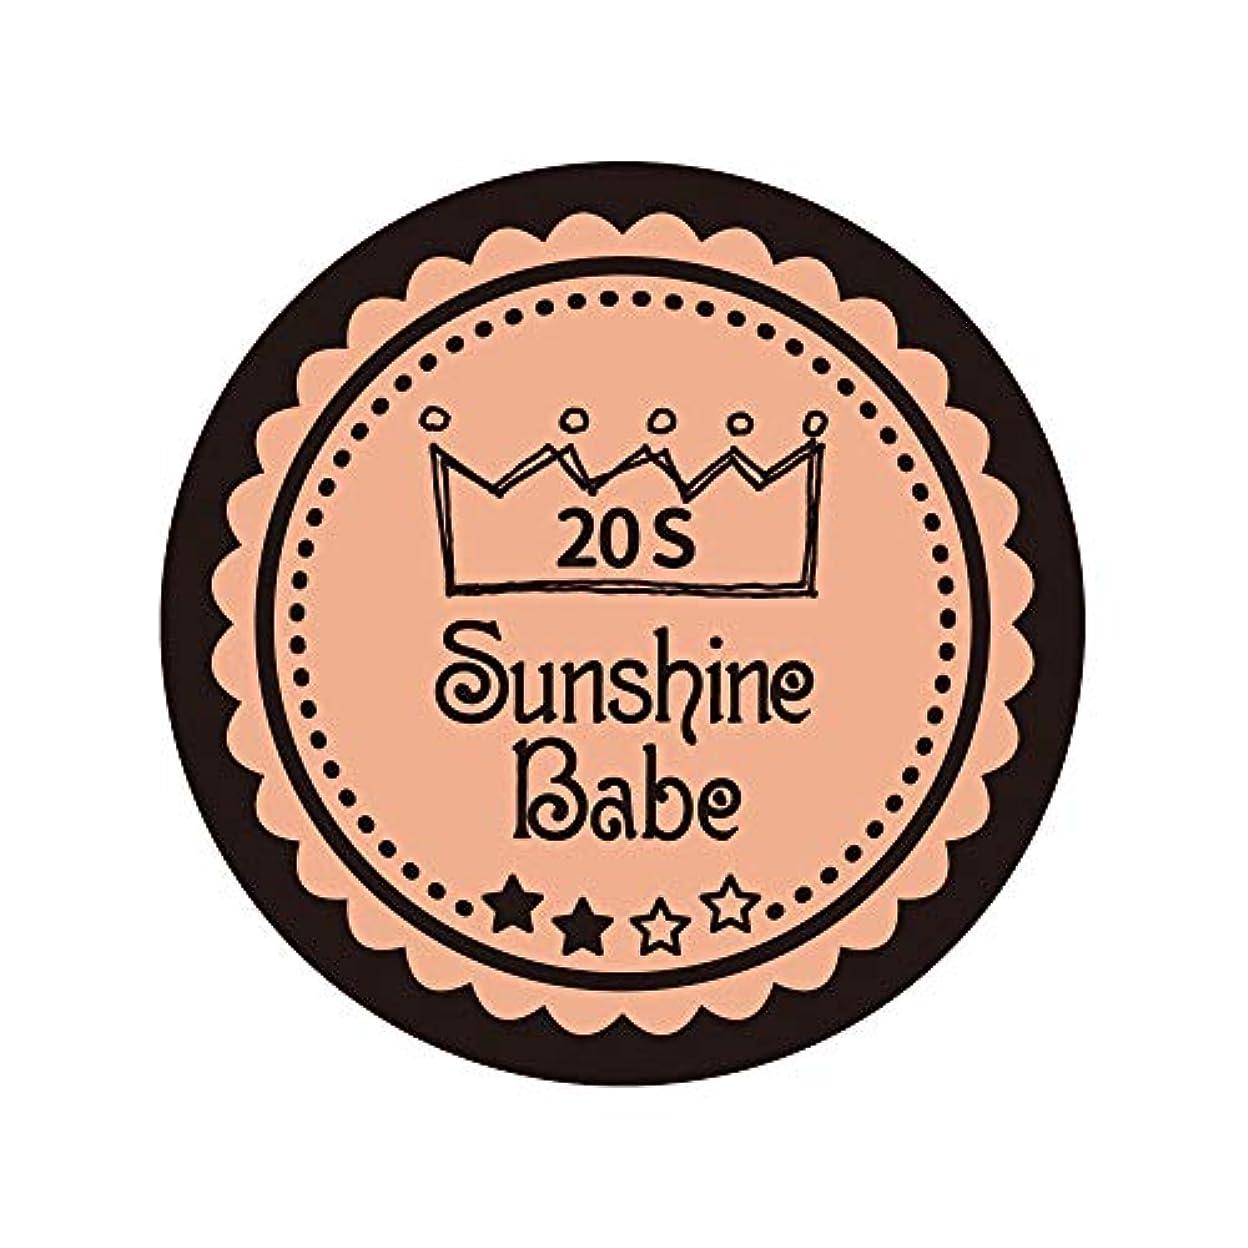 嫌がるめ言葉店員Sunshine Babe カラージェル 20S ヌーディベージュ 2.7g UV/LED対応